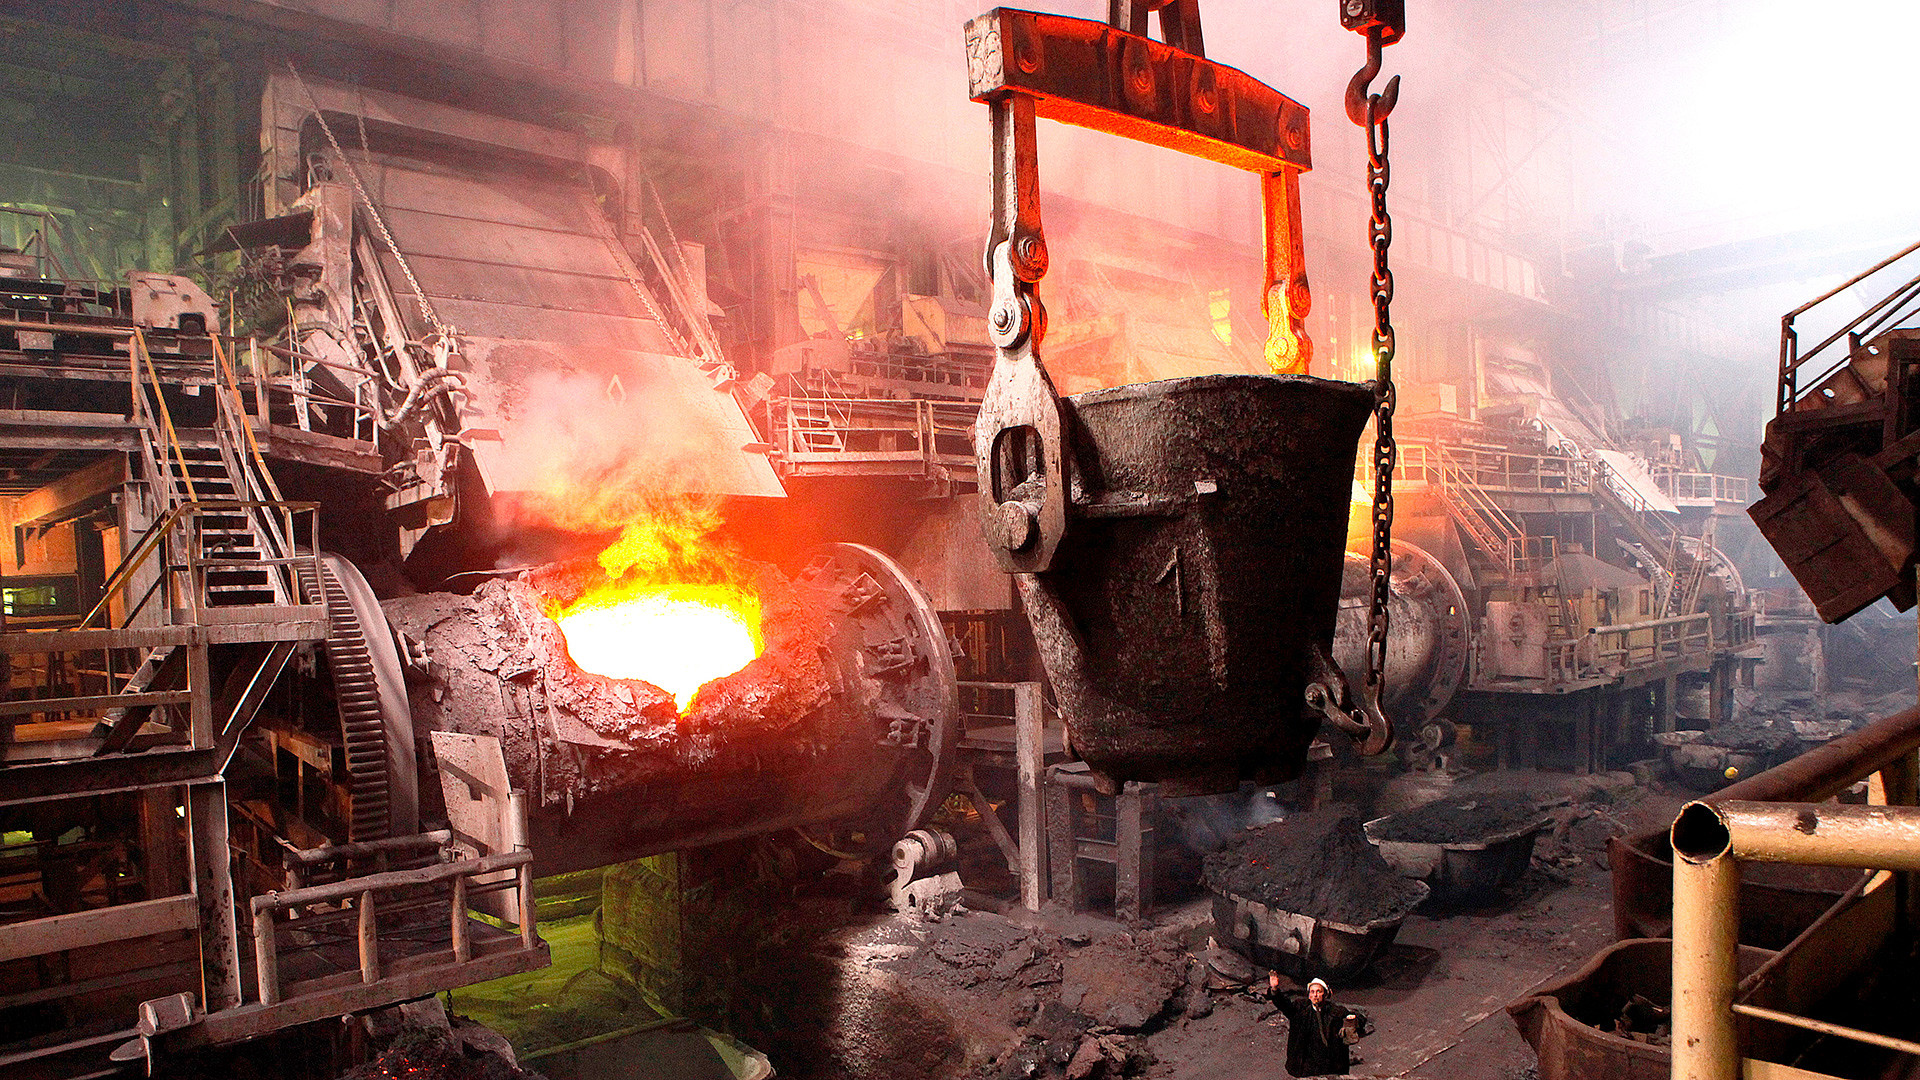 El cobre de Nizhni Taguil era muy apreciado en la Europa del siglo XIX.